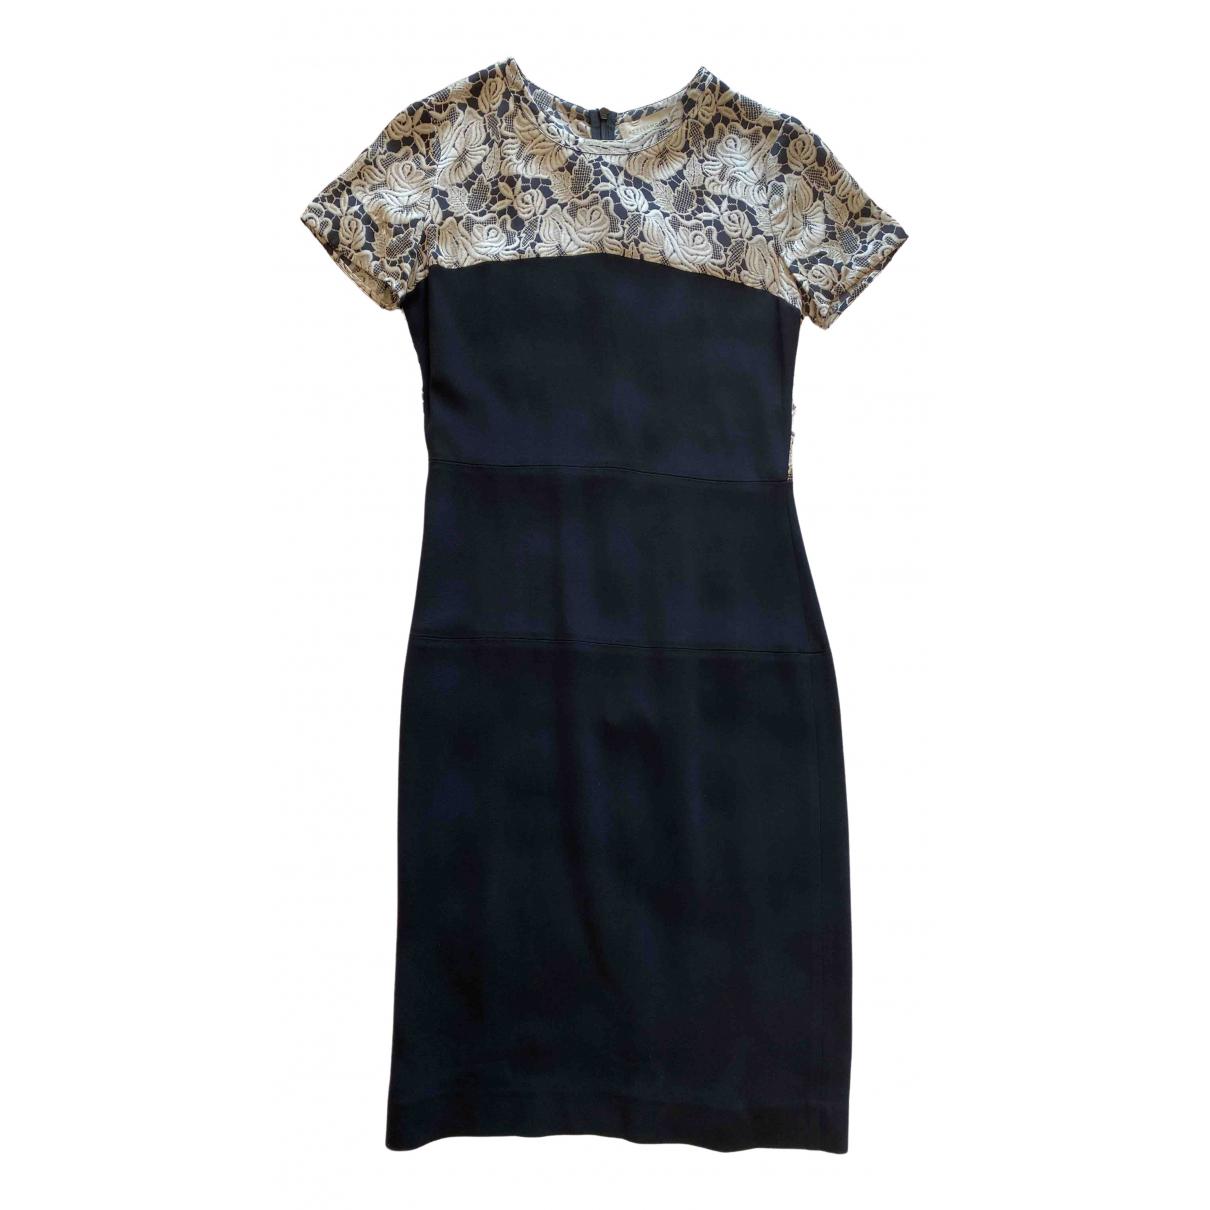 Stella Mccartney \N Black Silk dress for Women 36 IT